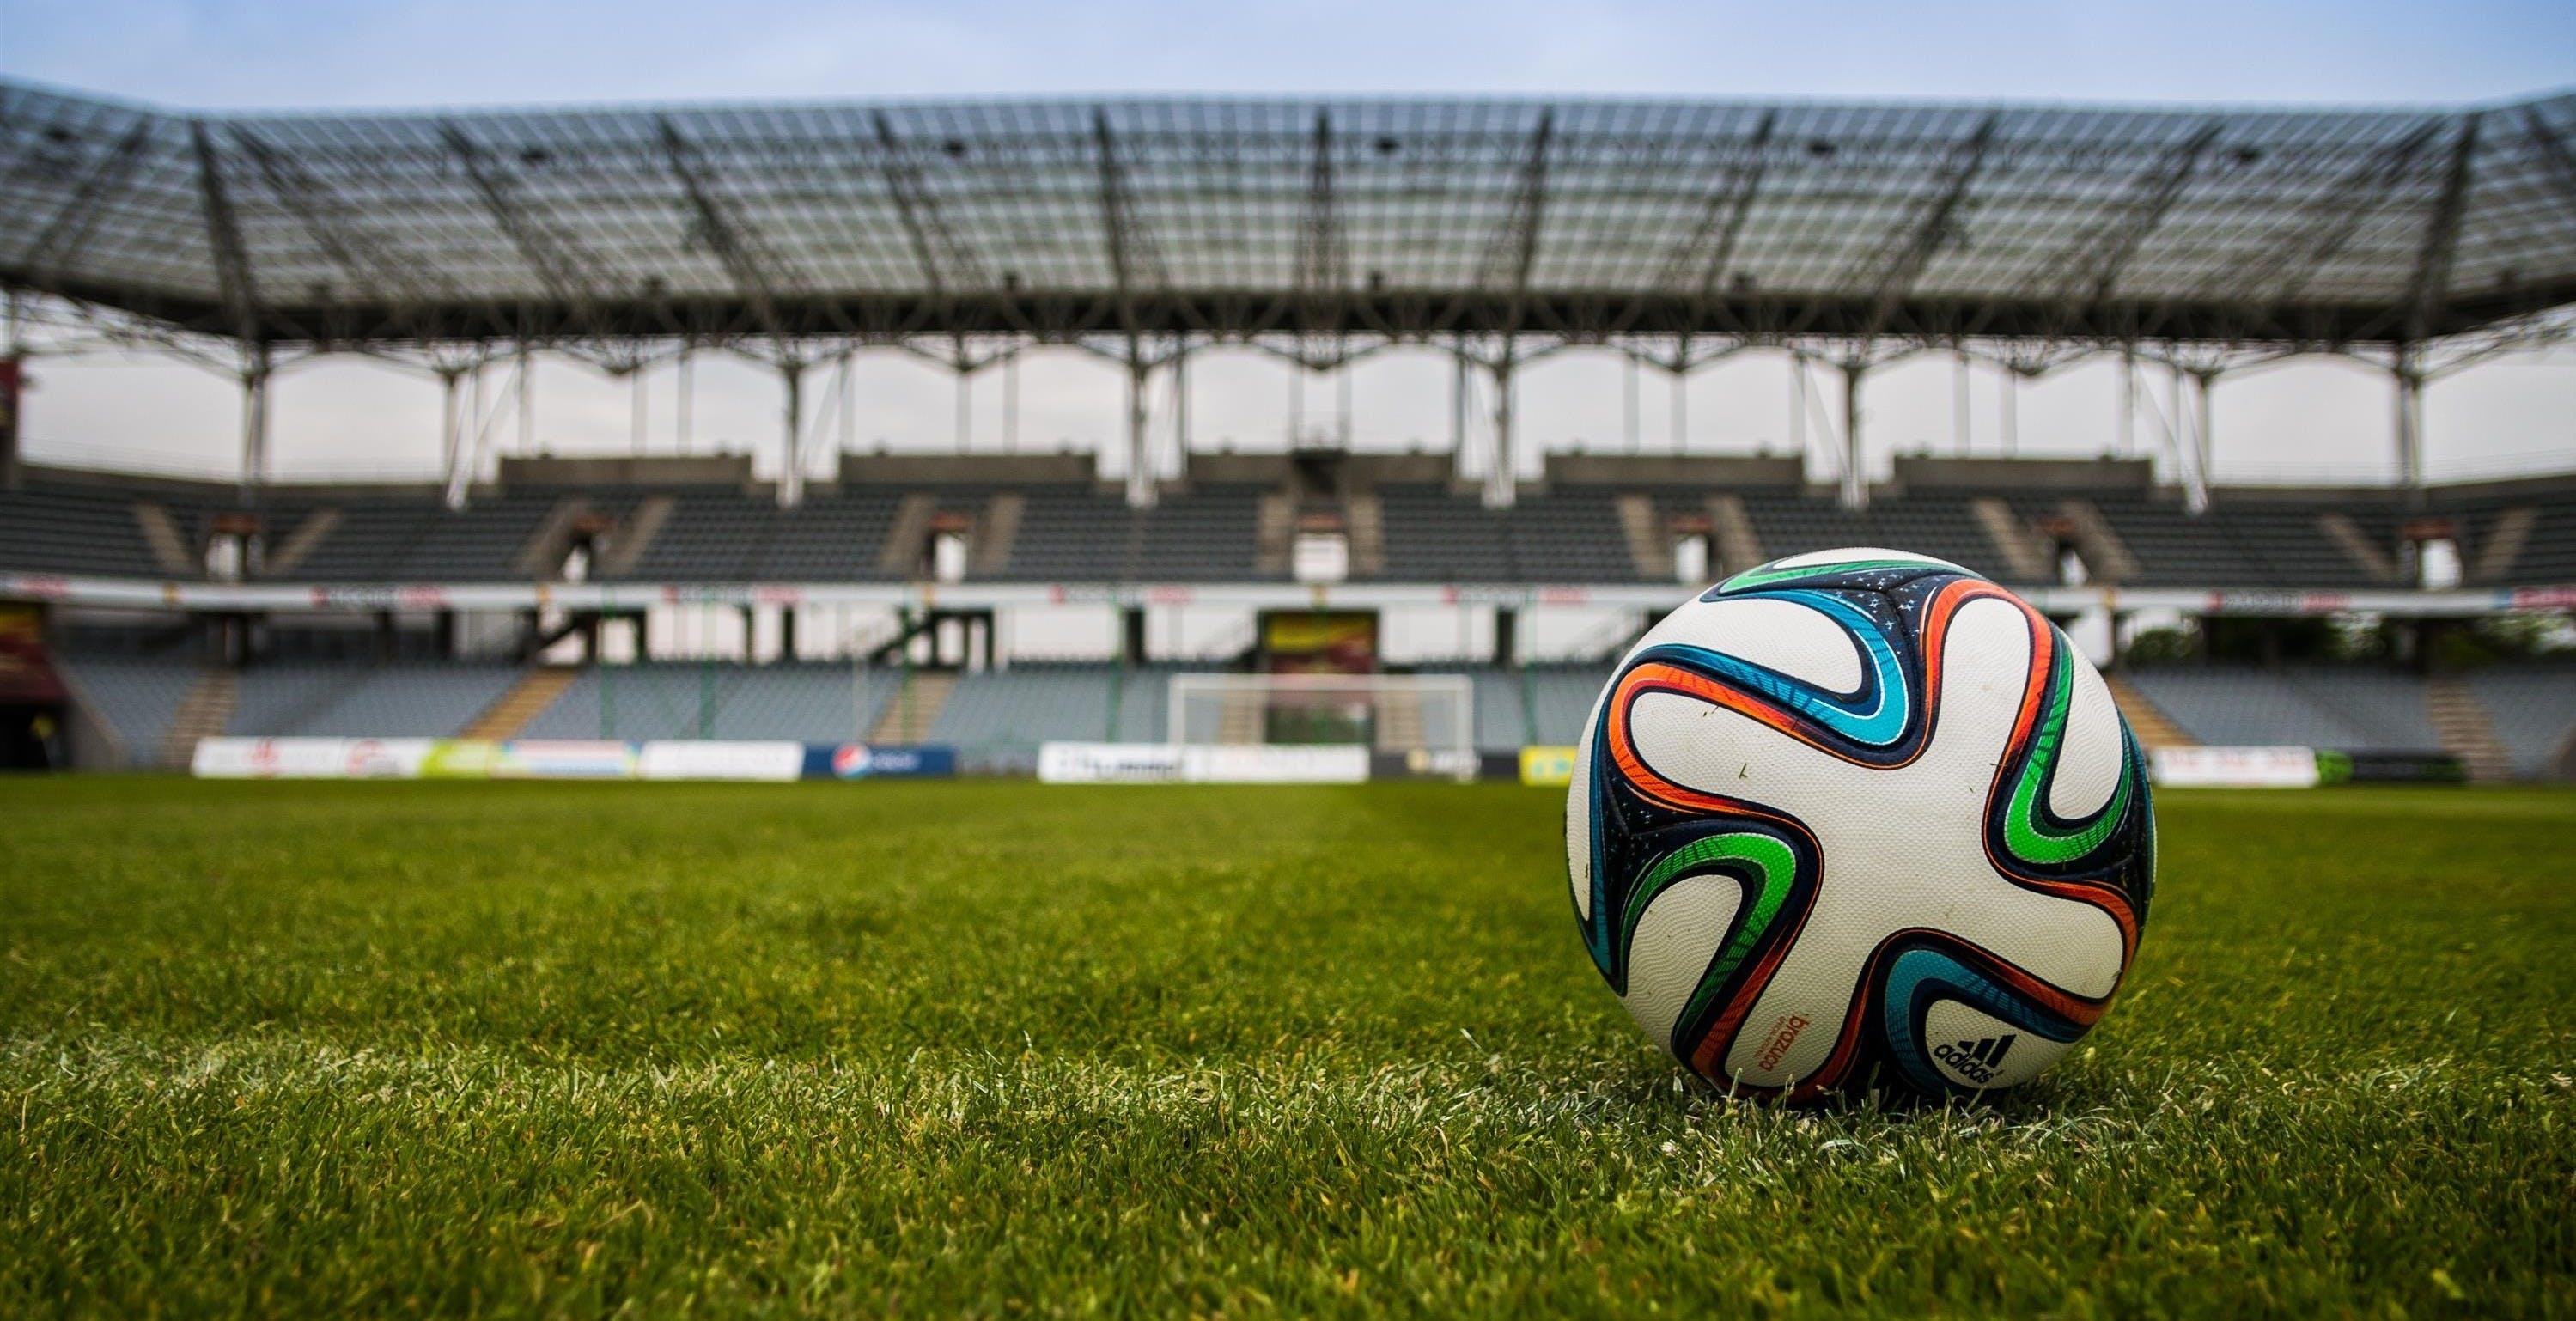 Sky si è aggiudicata i diritti TV della Ligue 1 e della Bundesliga